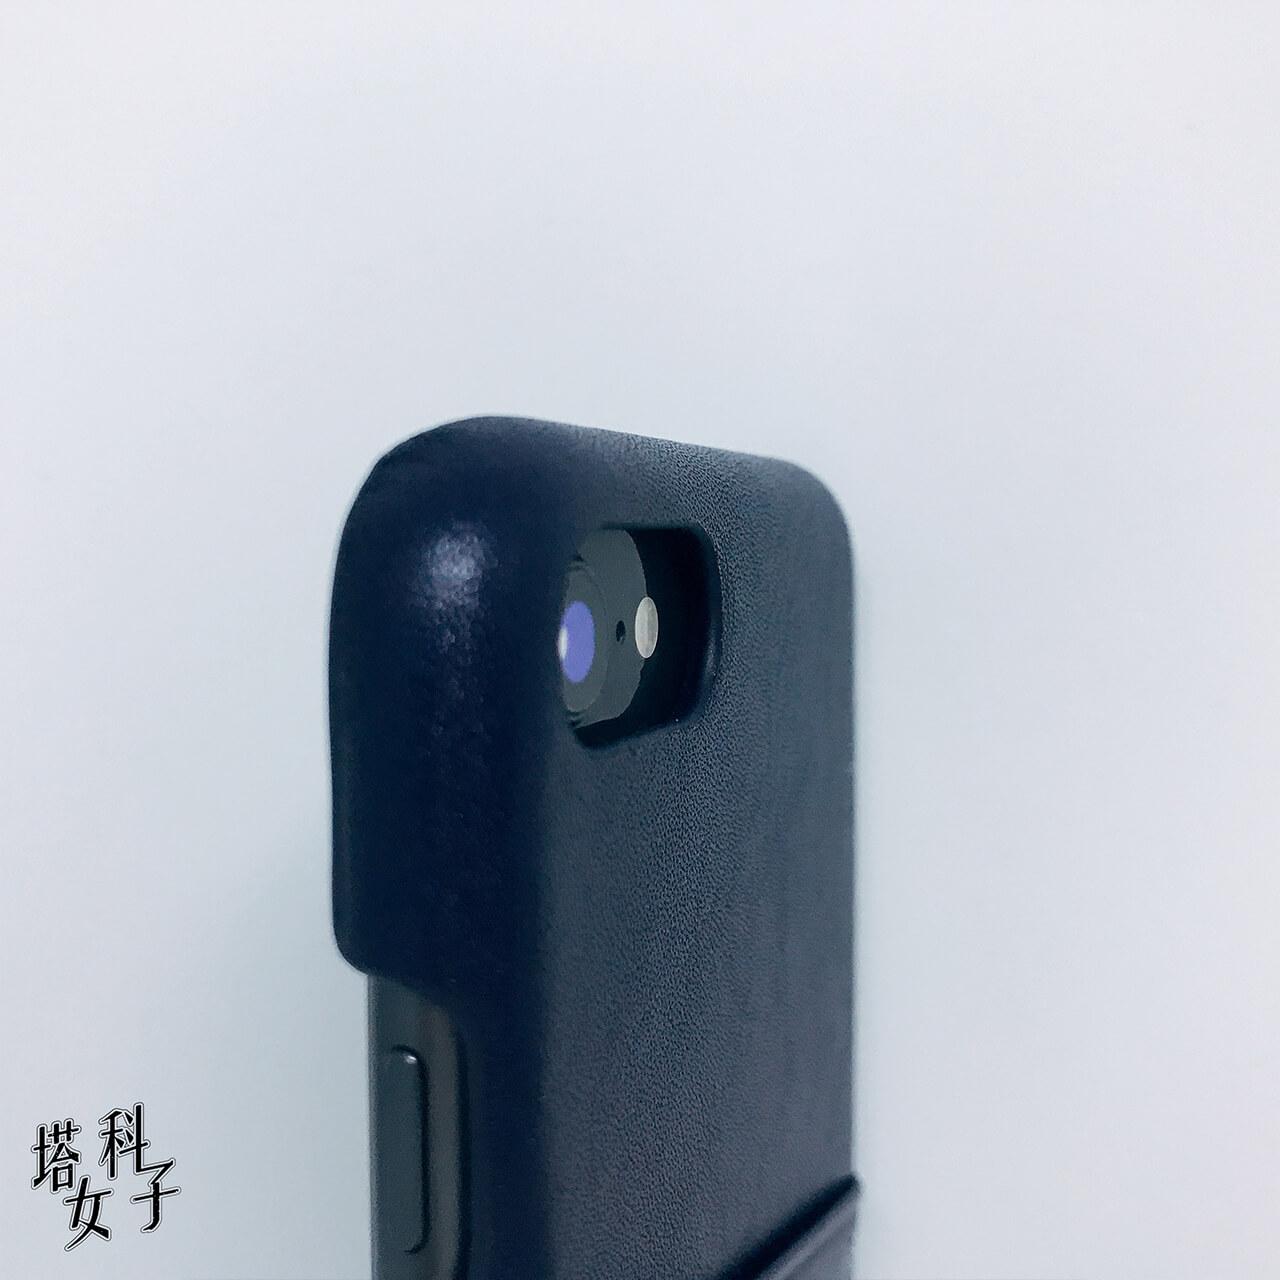 iPhone 手機殼開箱 - alto 鏡頭部分